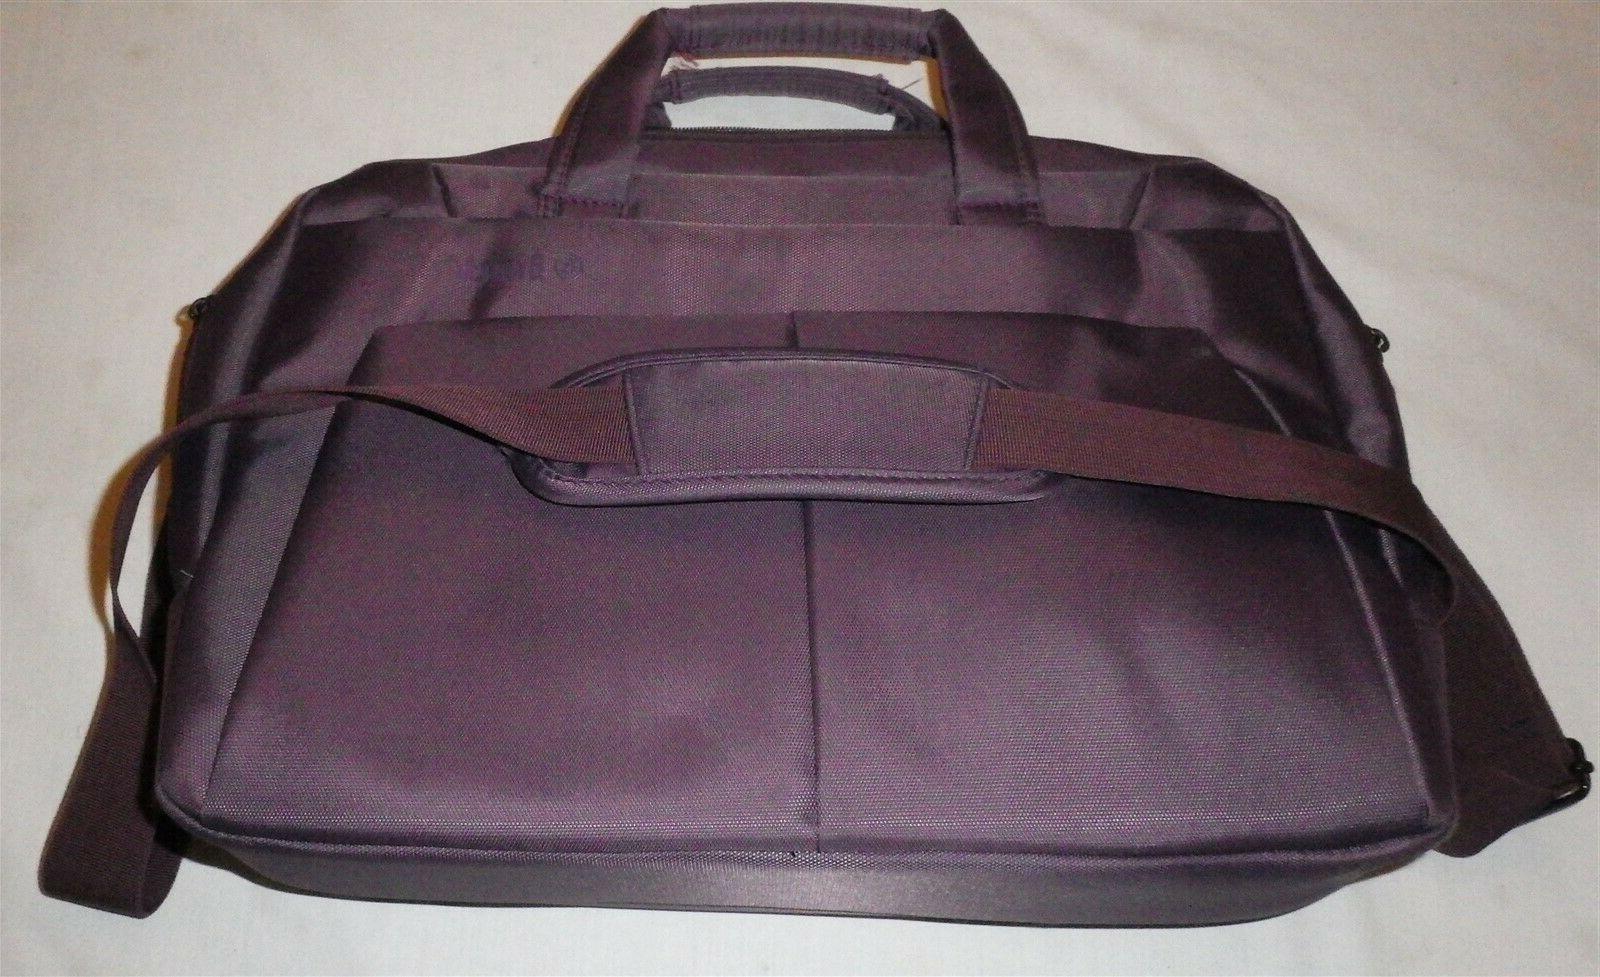 NEW Brinch Padded Sleeve Case Waterproof Bag